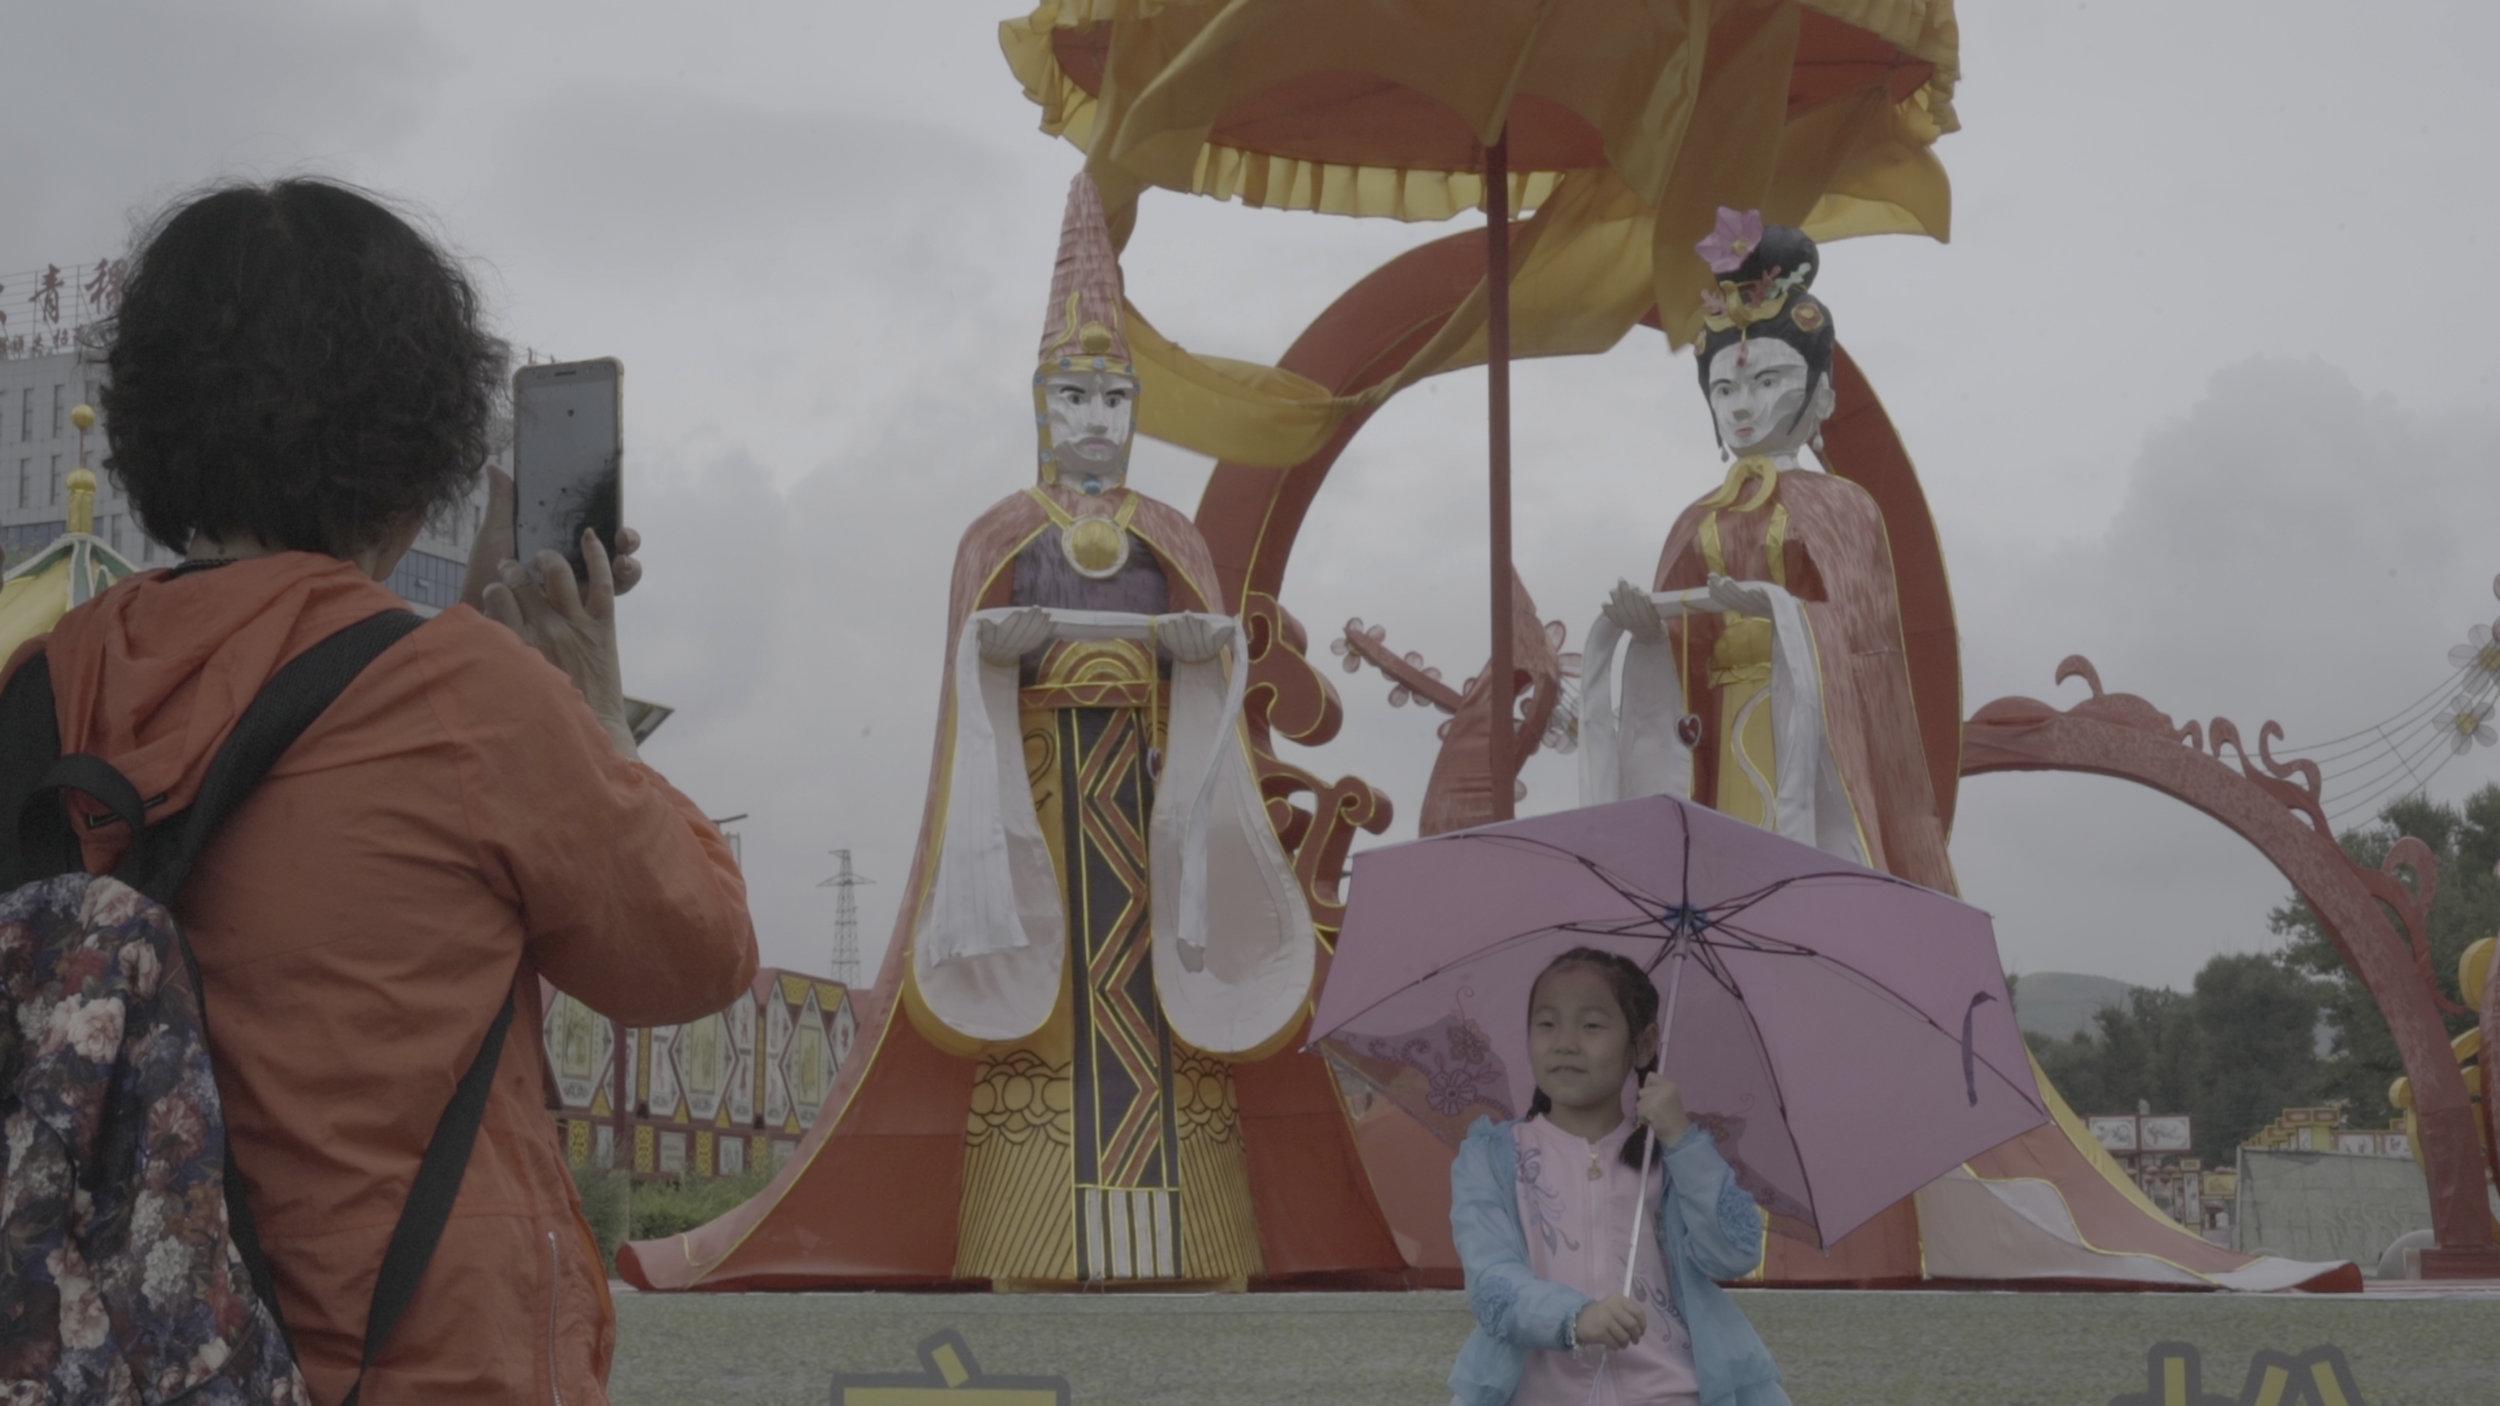 Xu_Naixin_2018_FilmStill018.jpg